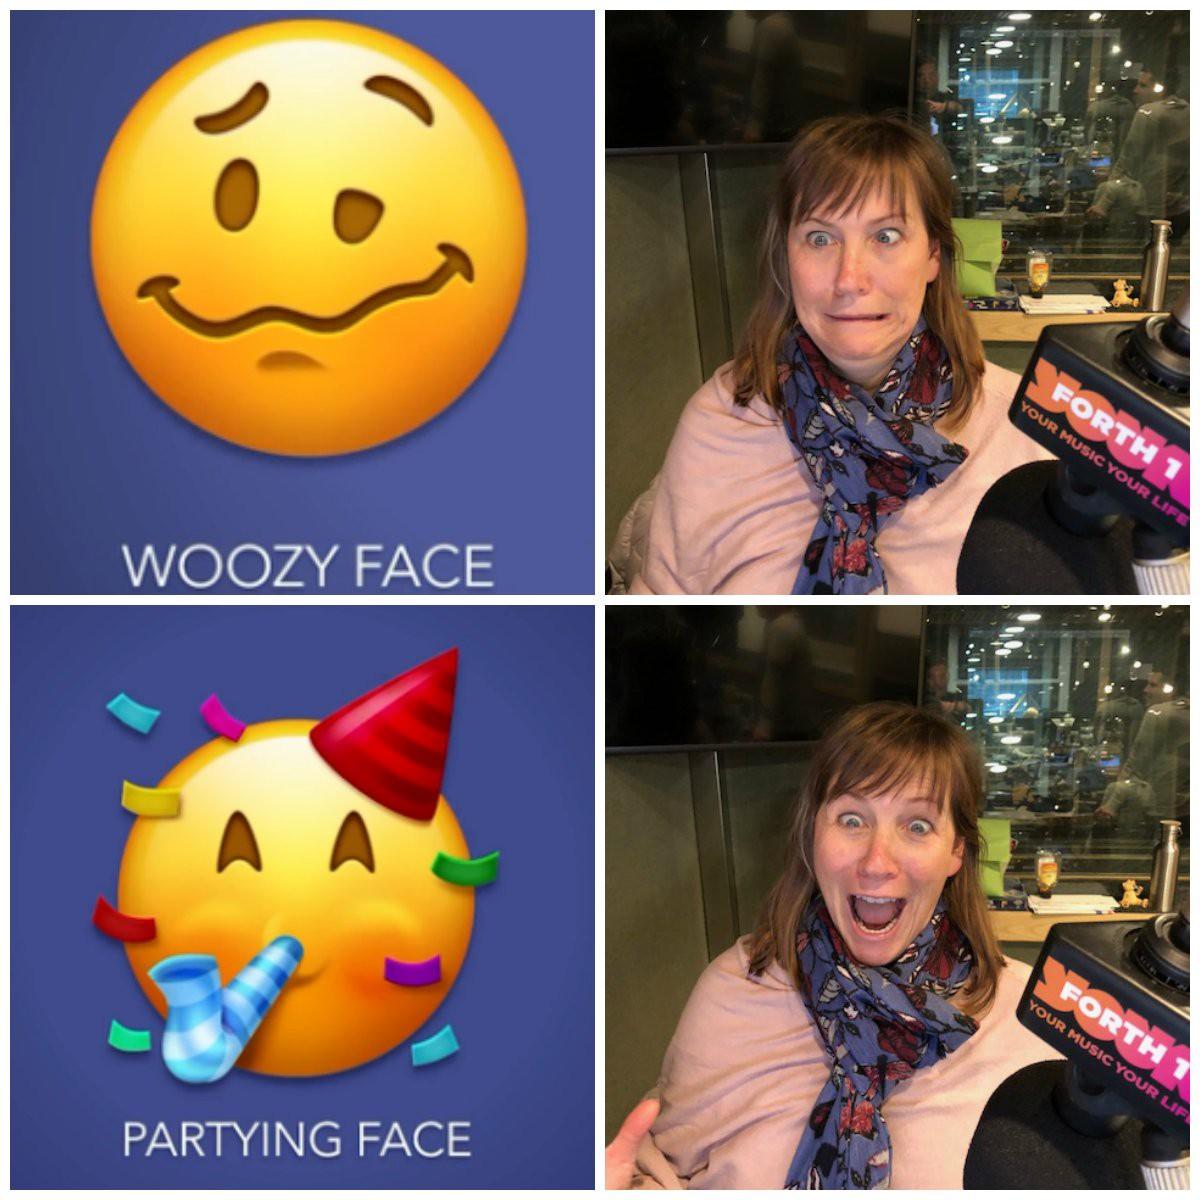 Vì sao chiếc emoji sai trái này gây náo loạn Internet tuần qua? - Ảnh 6.